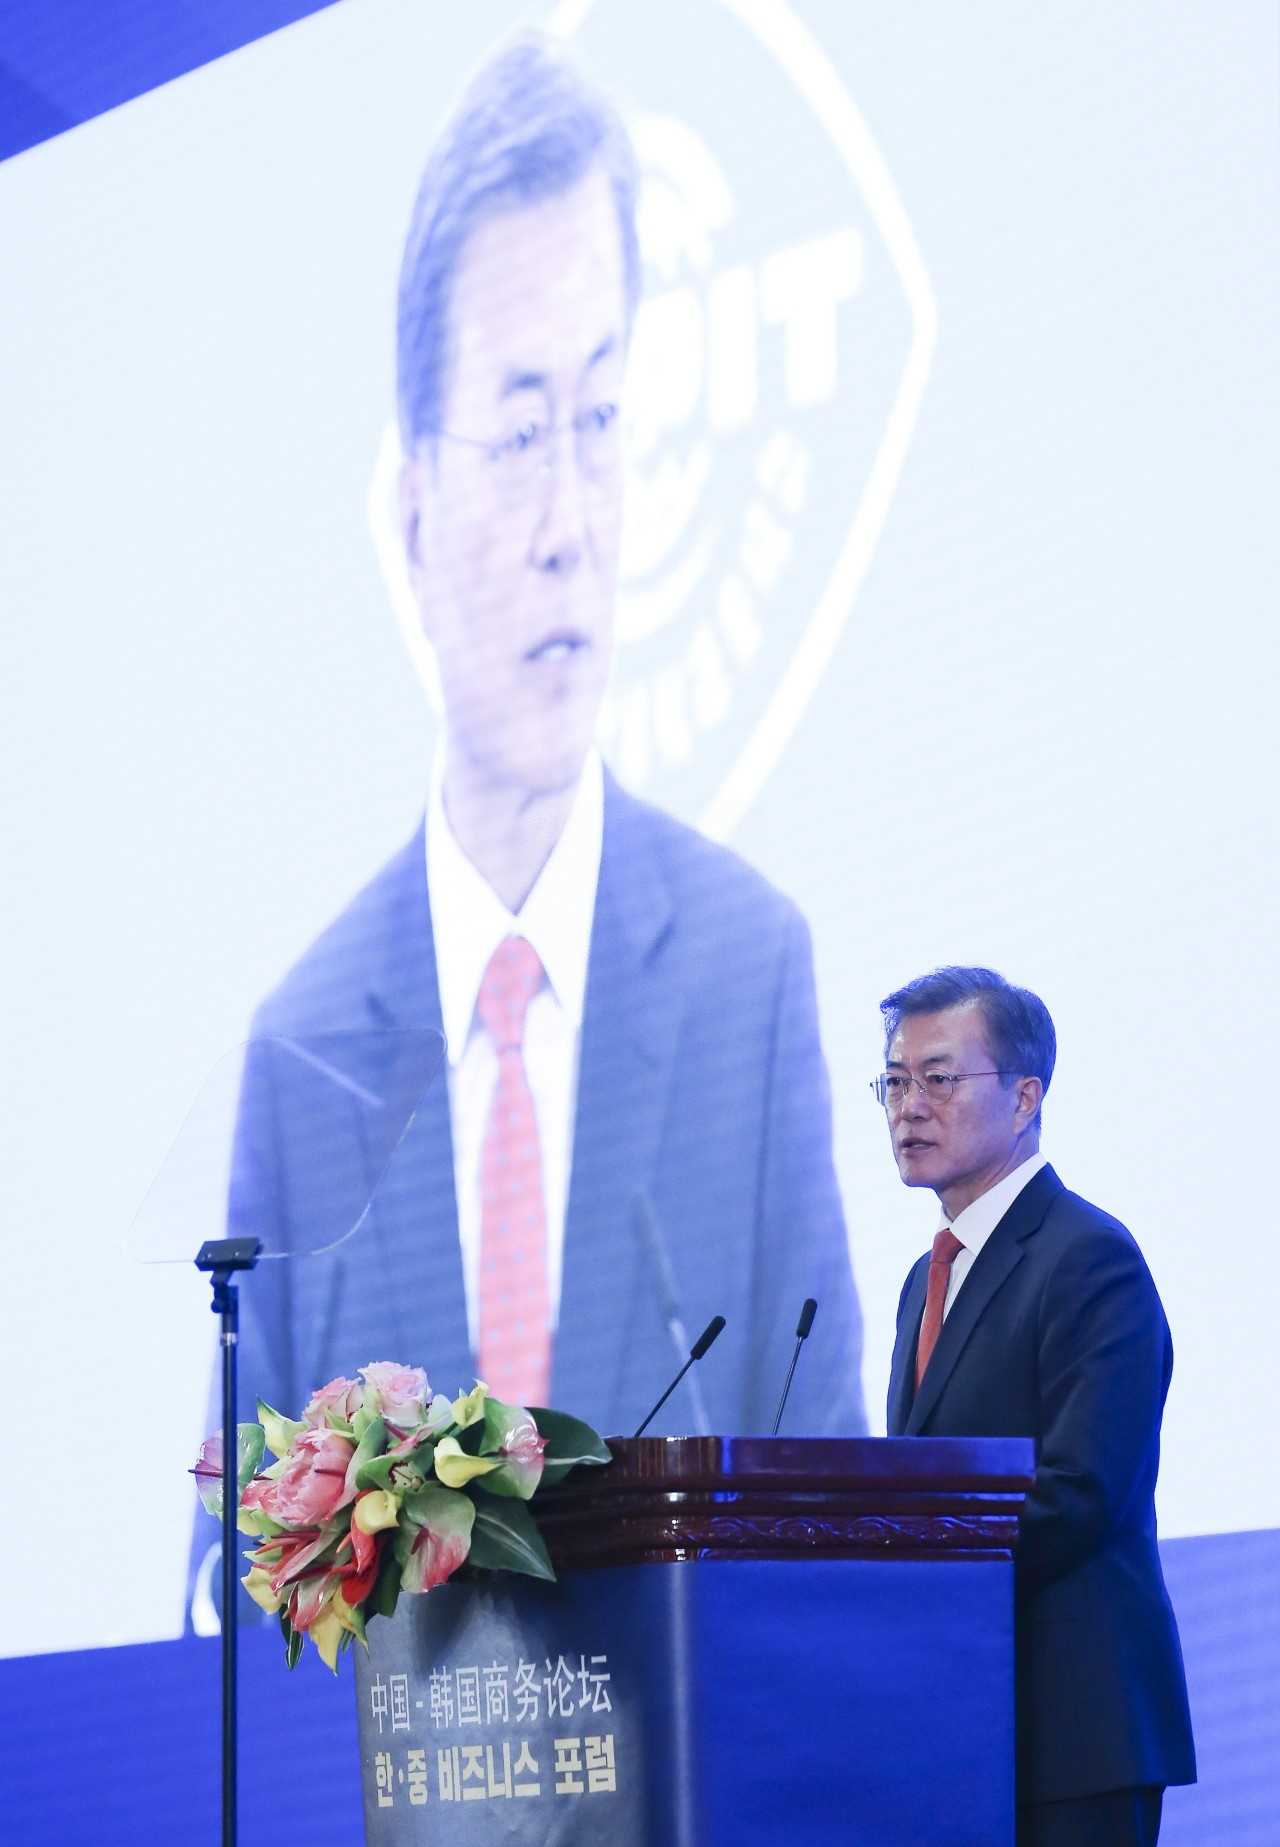 ▲ 12月13日,文在寅出席中韩商务论坛。图源:新华社。